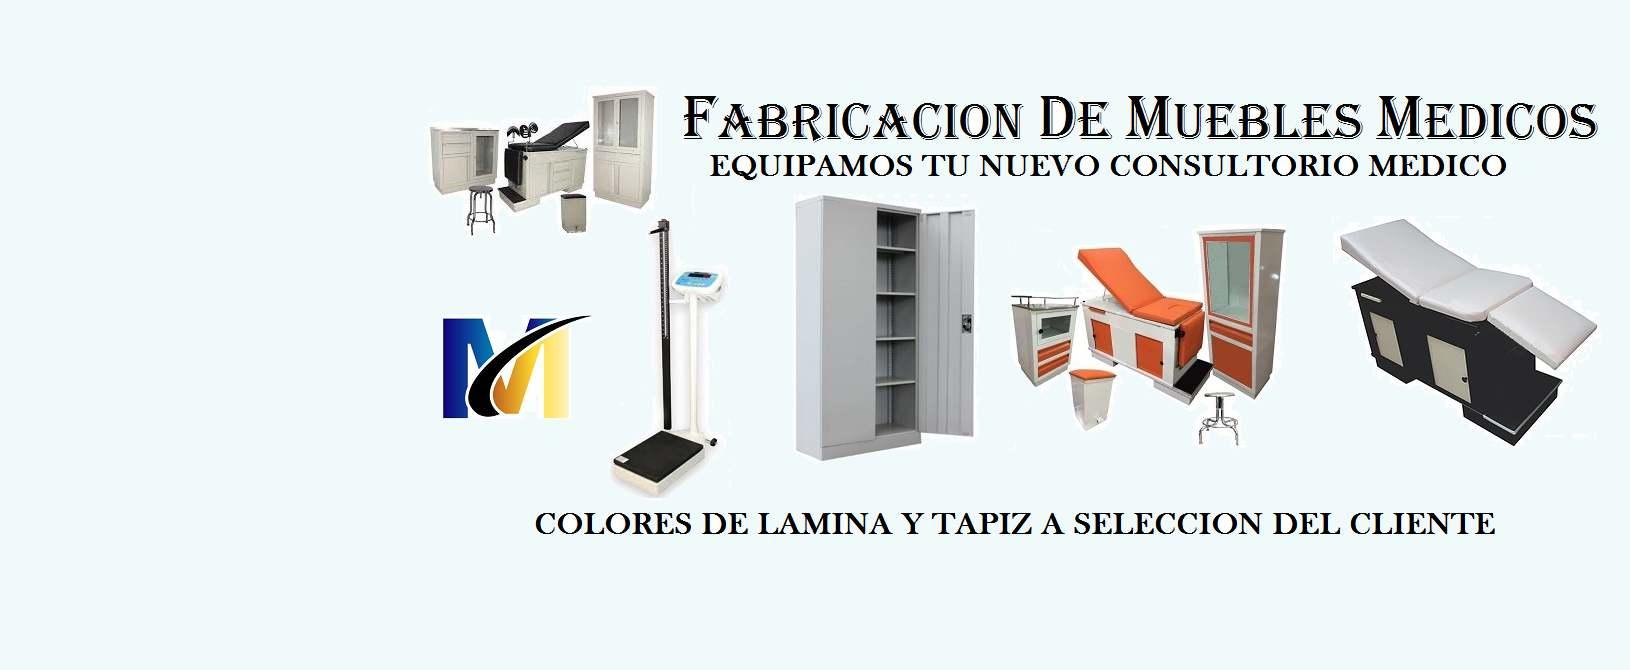 slider fabricacion muebles medicos mueblidoctor